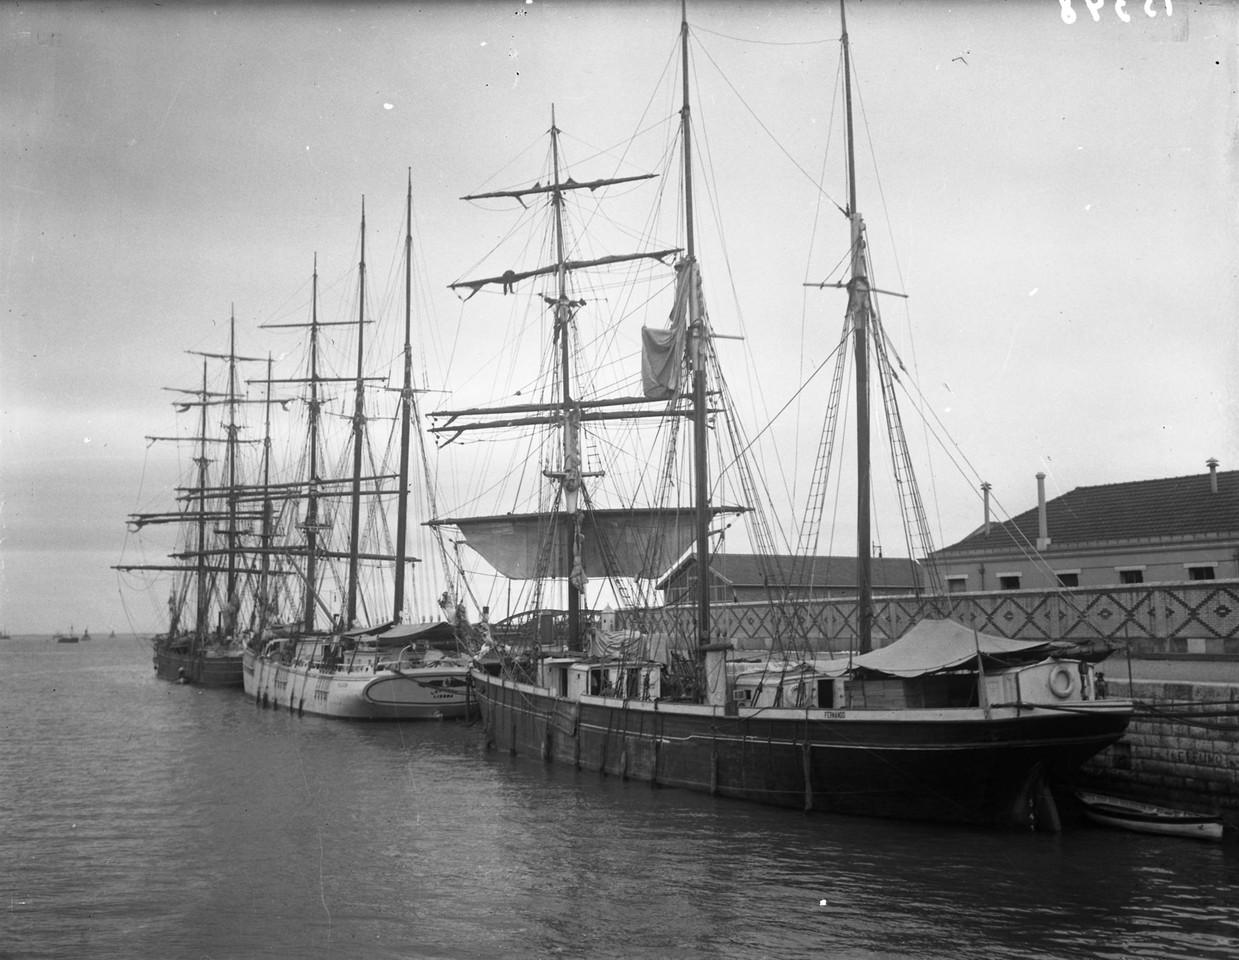 Embarcações no porto de Lisboa, início séc. XX